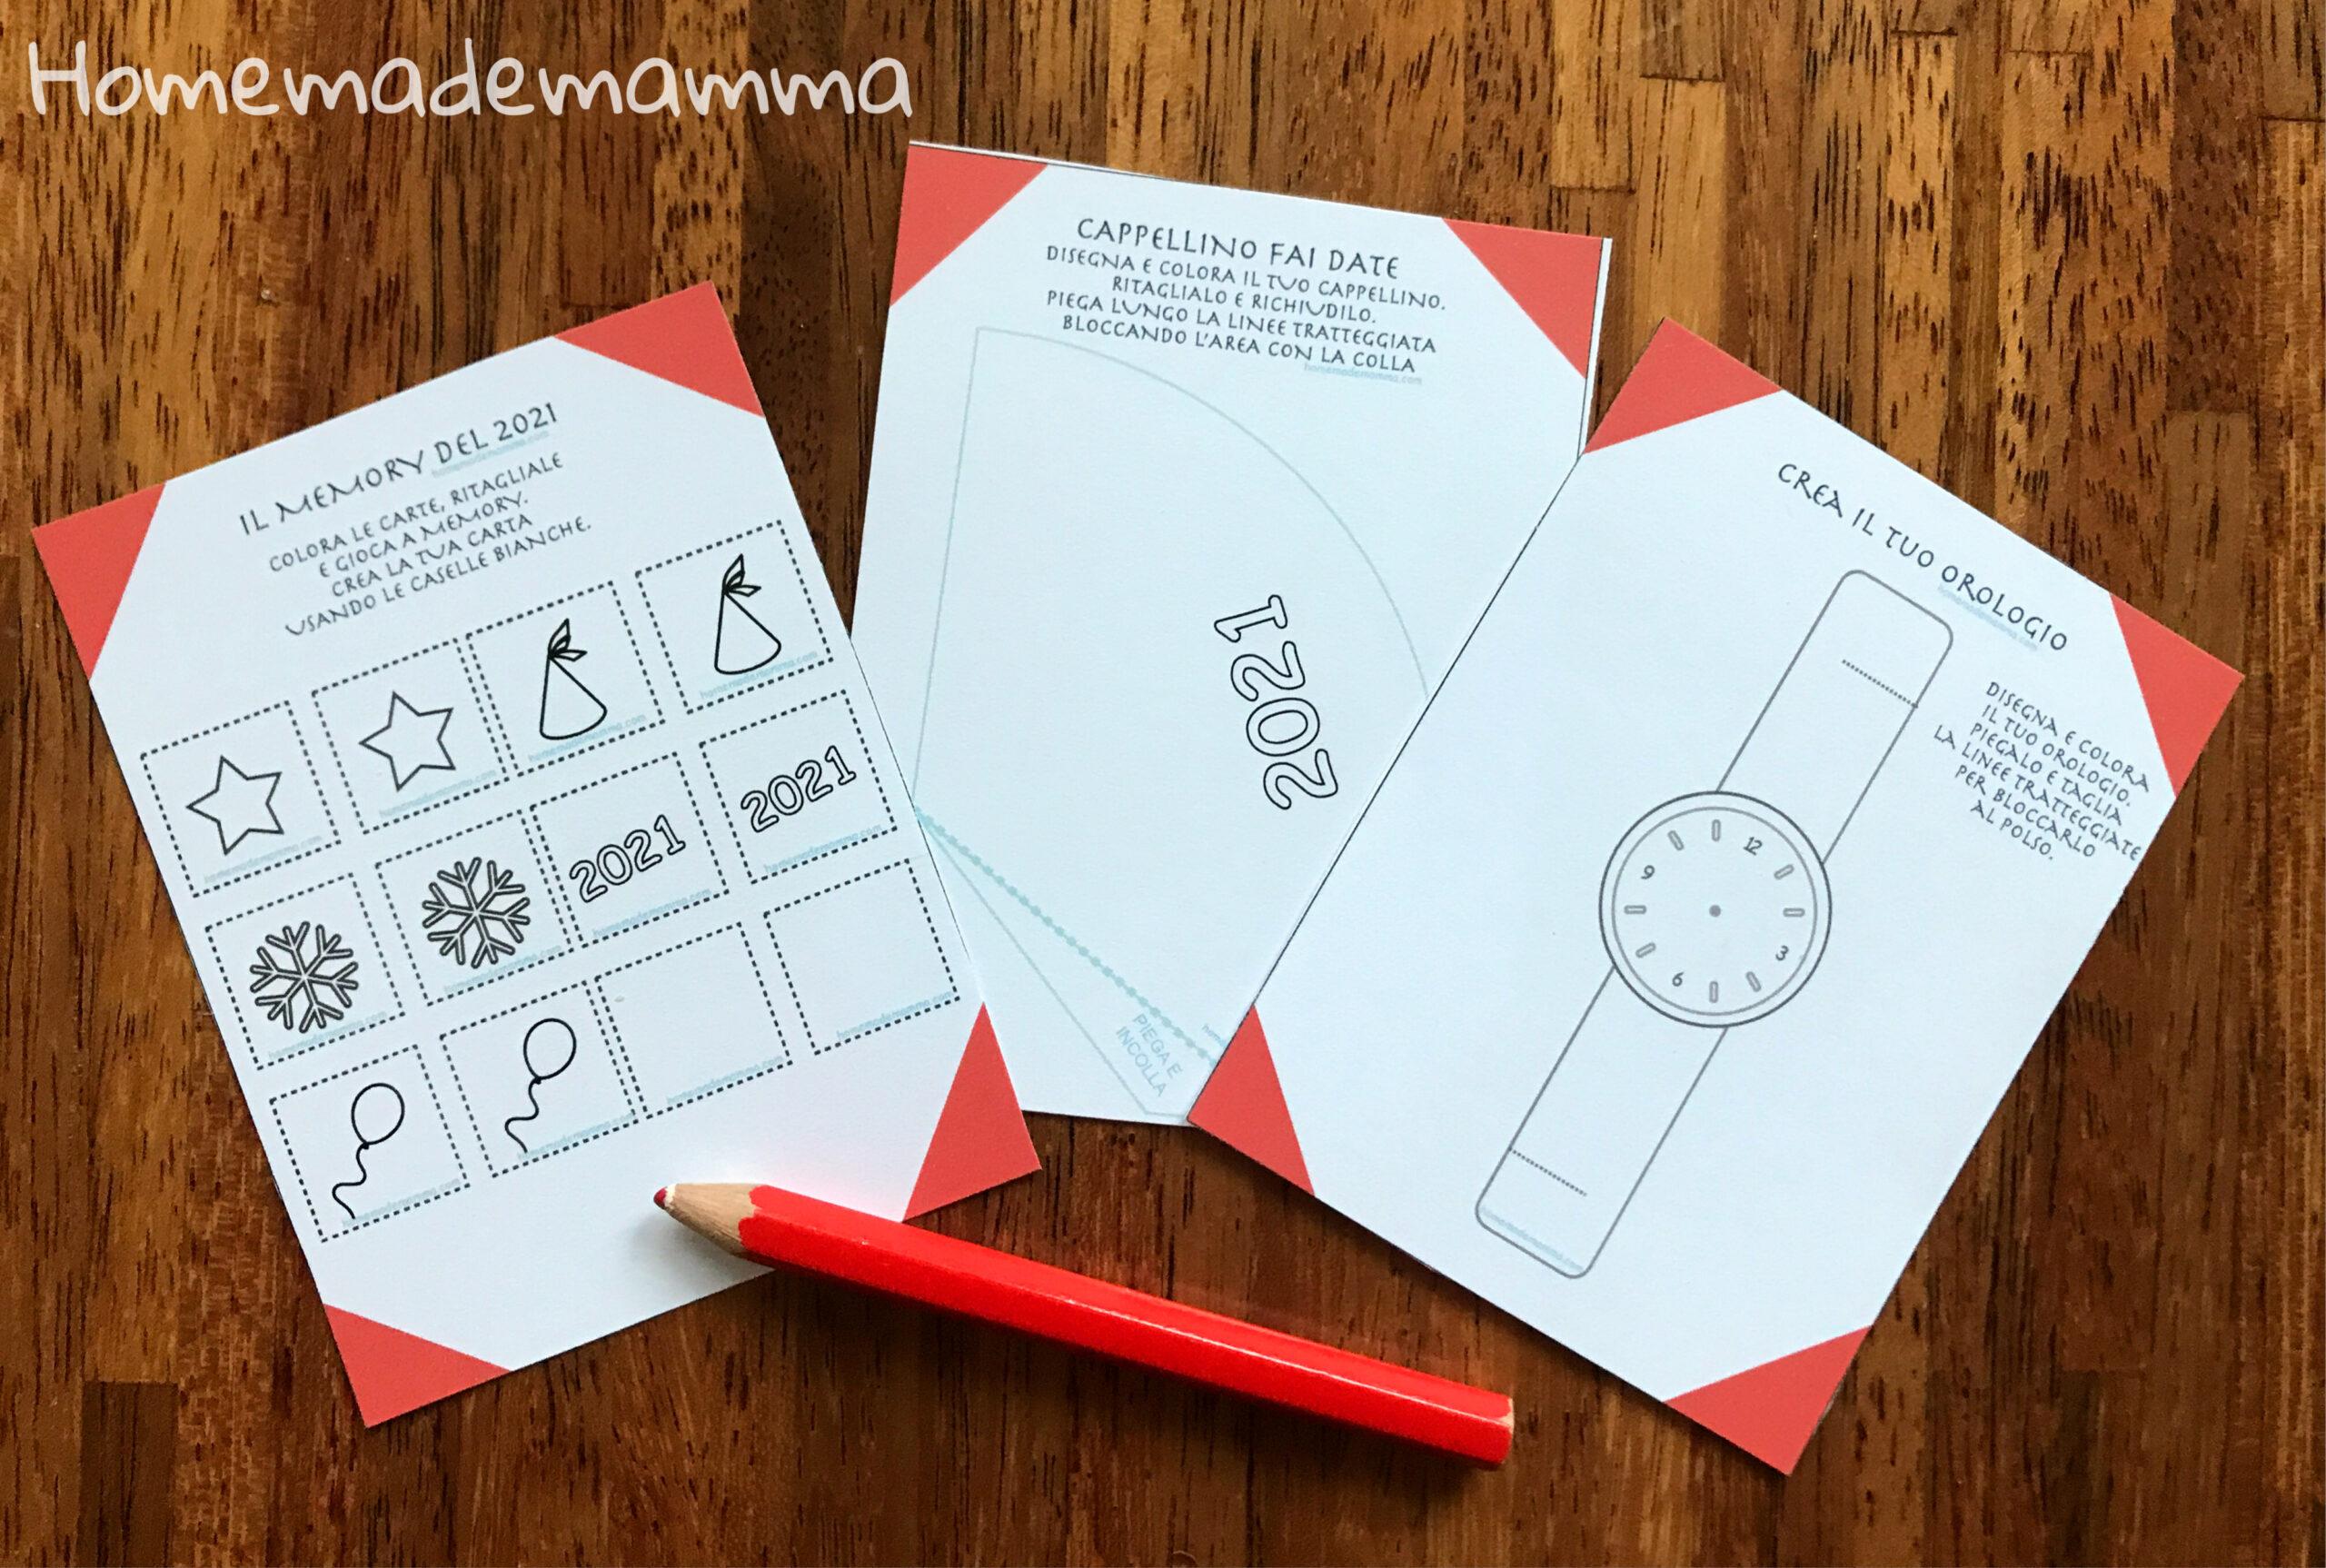 attività e giochi bambini capodanno da stampare